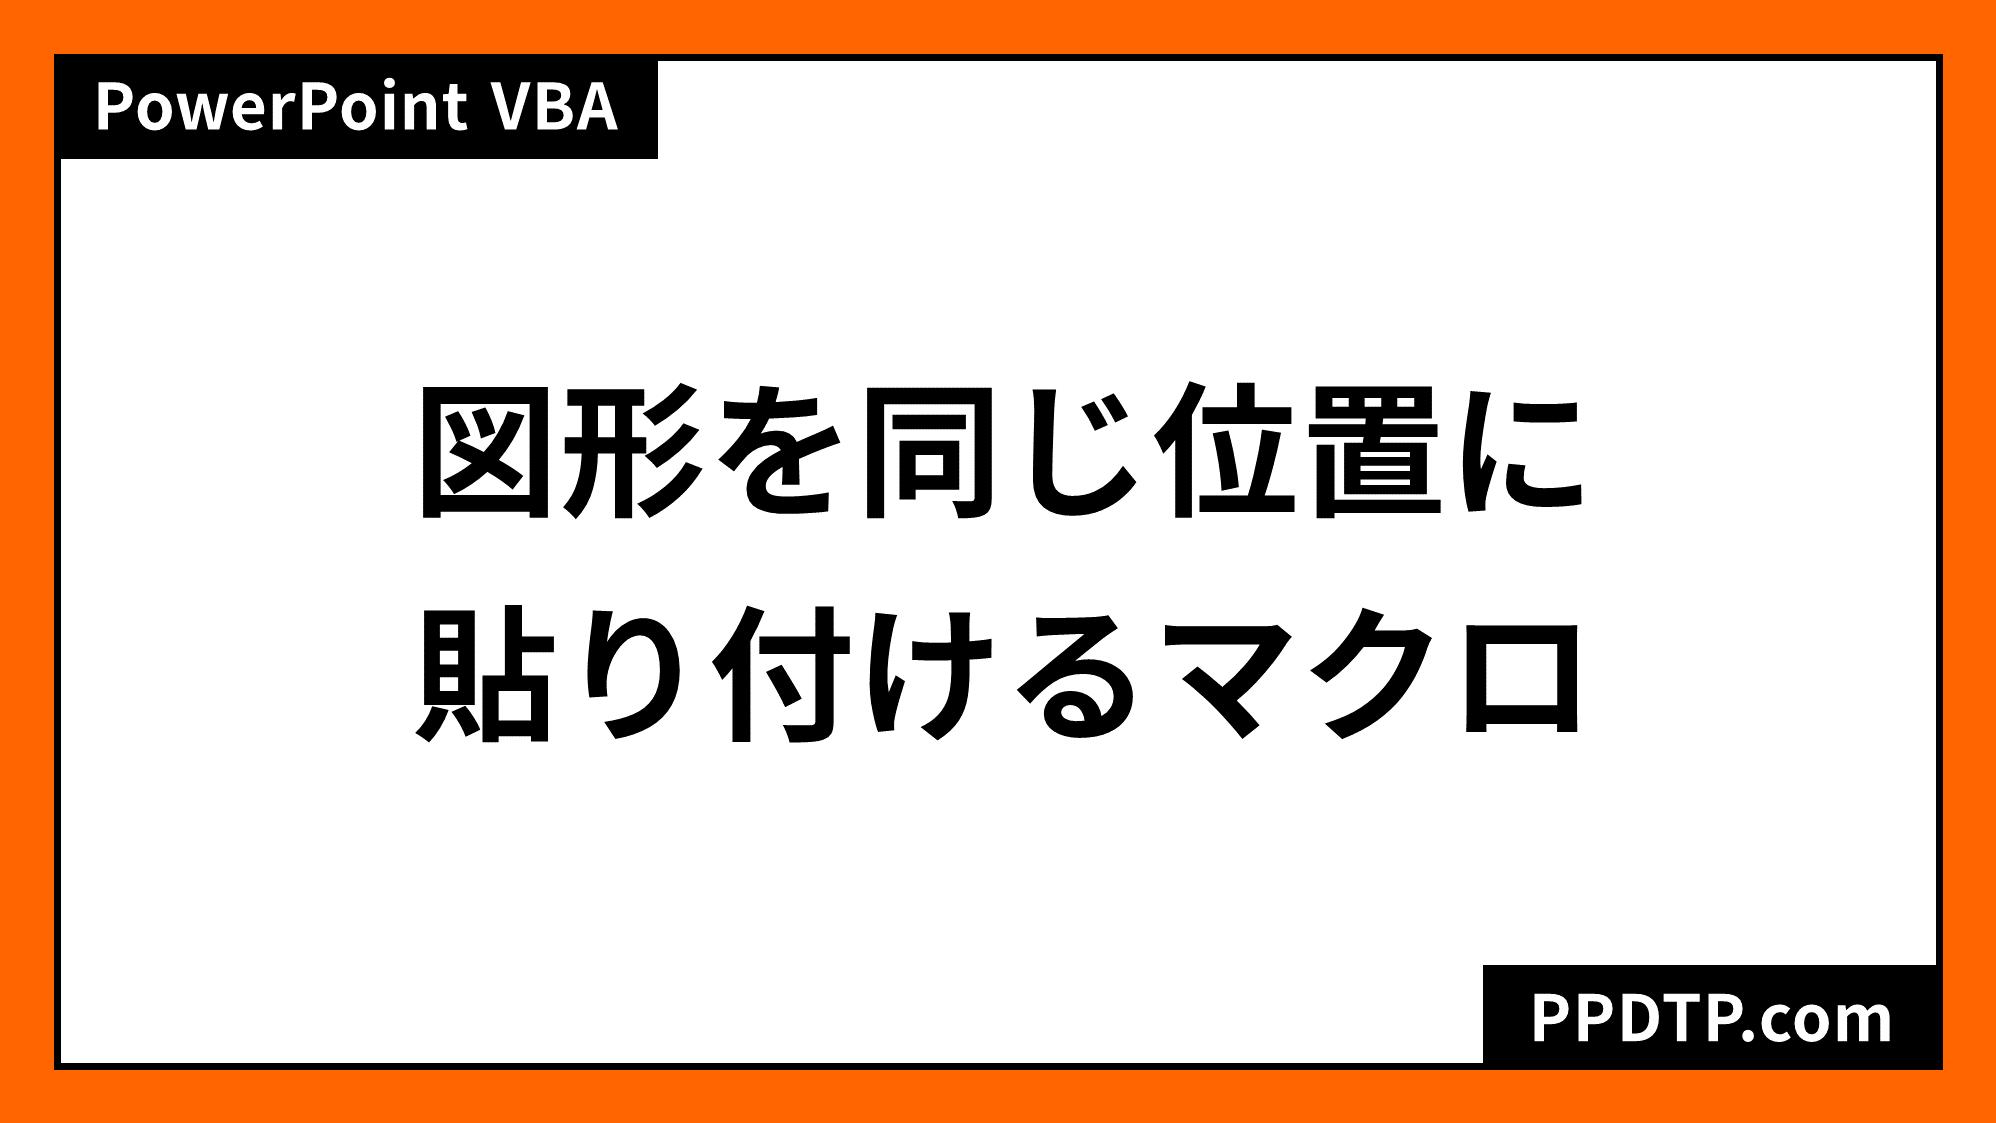 のみ 付け 値 vba 貼り